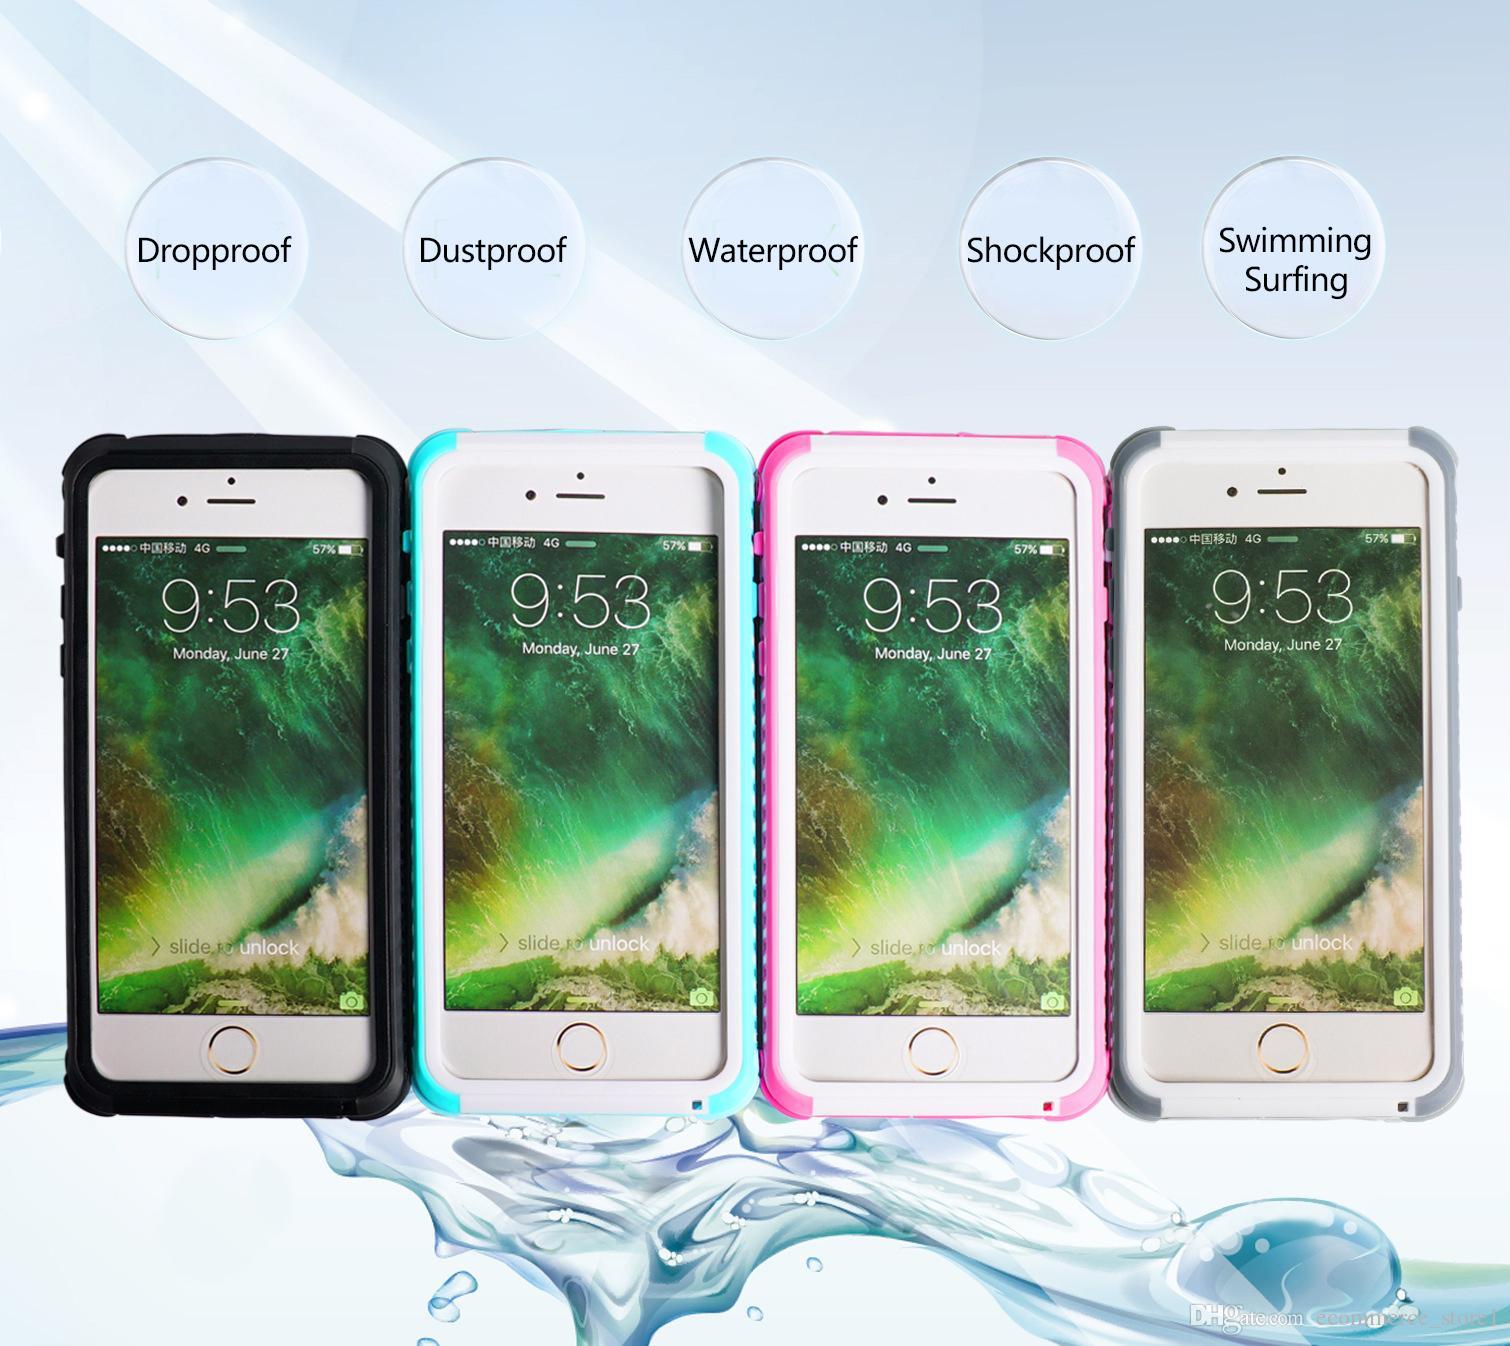 방수 케이스 충격 방지 먼지 방지 수영 서핑 휴대 전화 케이스 커버 아이폰 6 6S 7 7Plus 삼성 S8 플러스